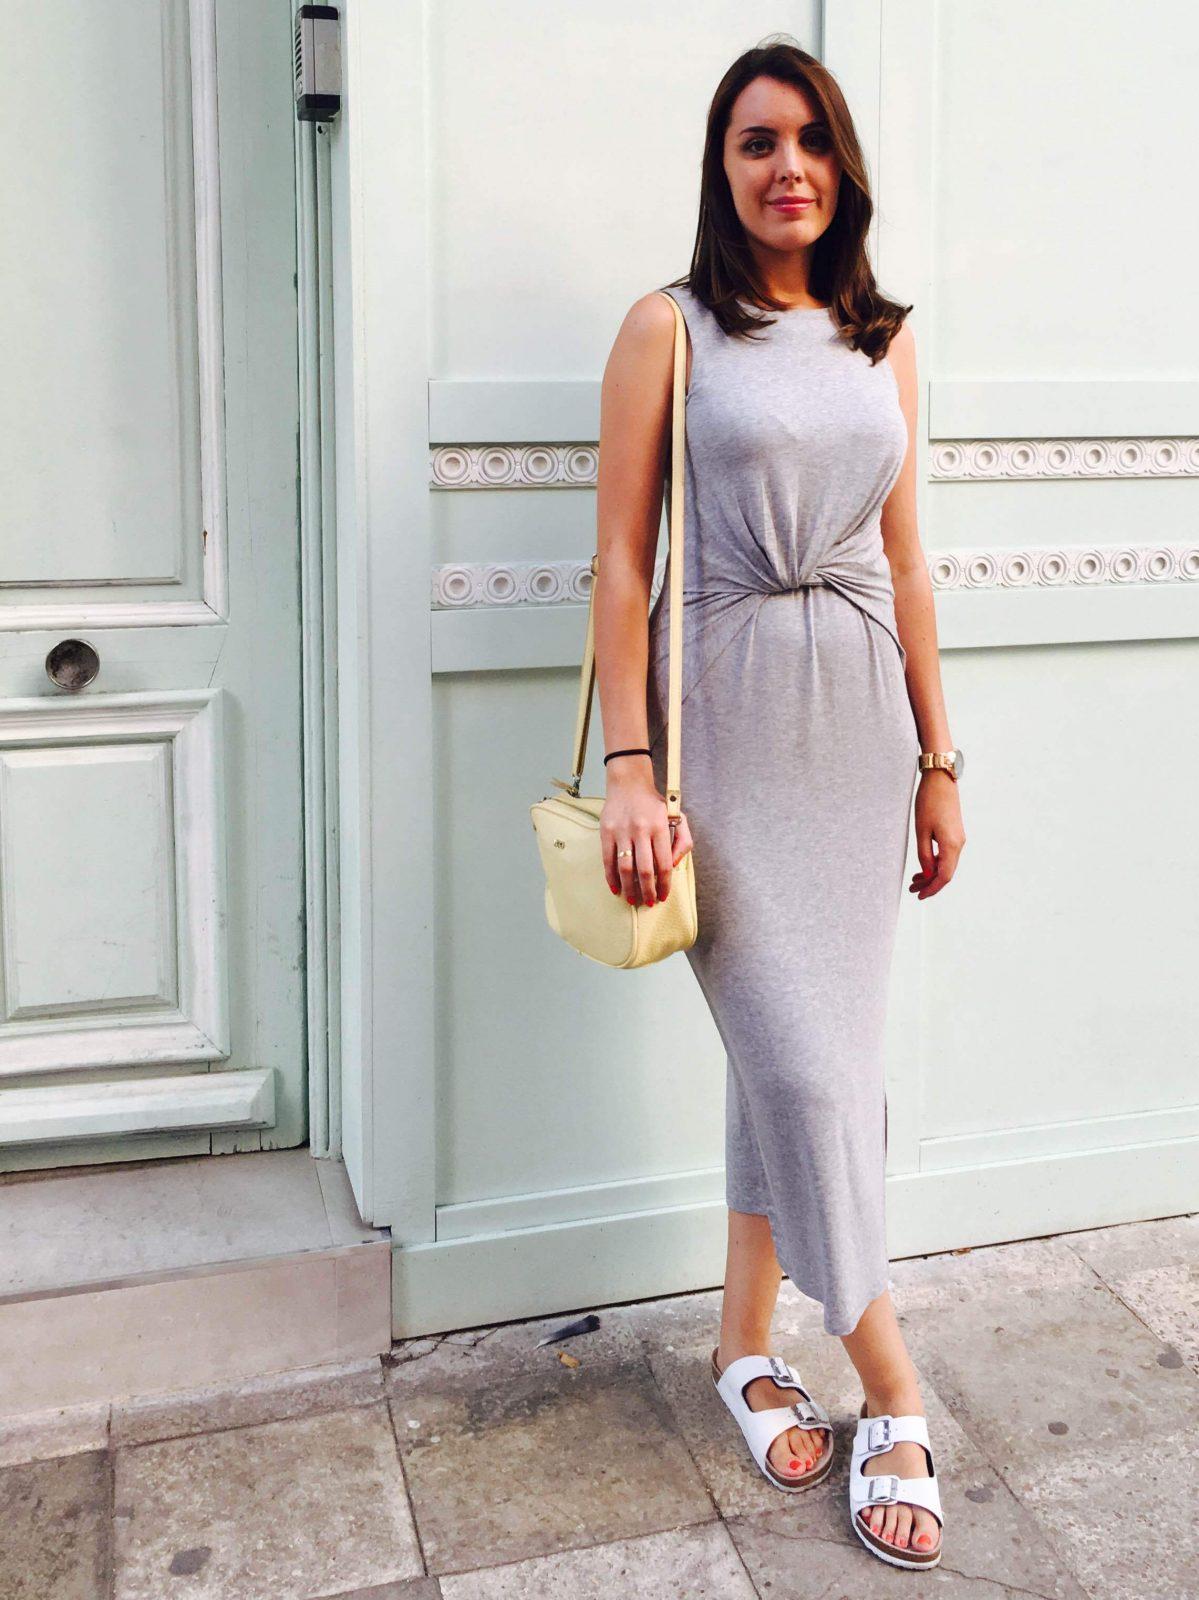 marikowskaya street style monica vestido gris largo (1)